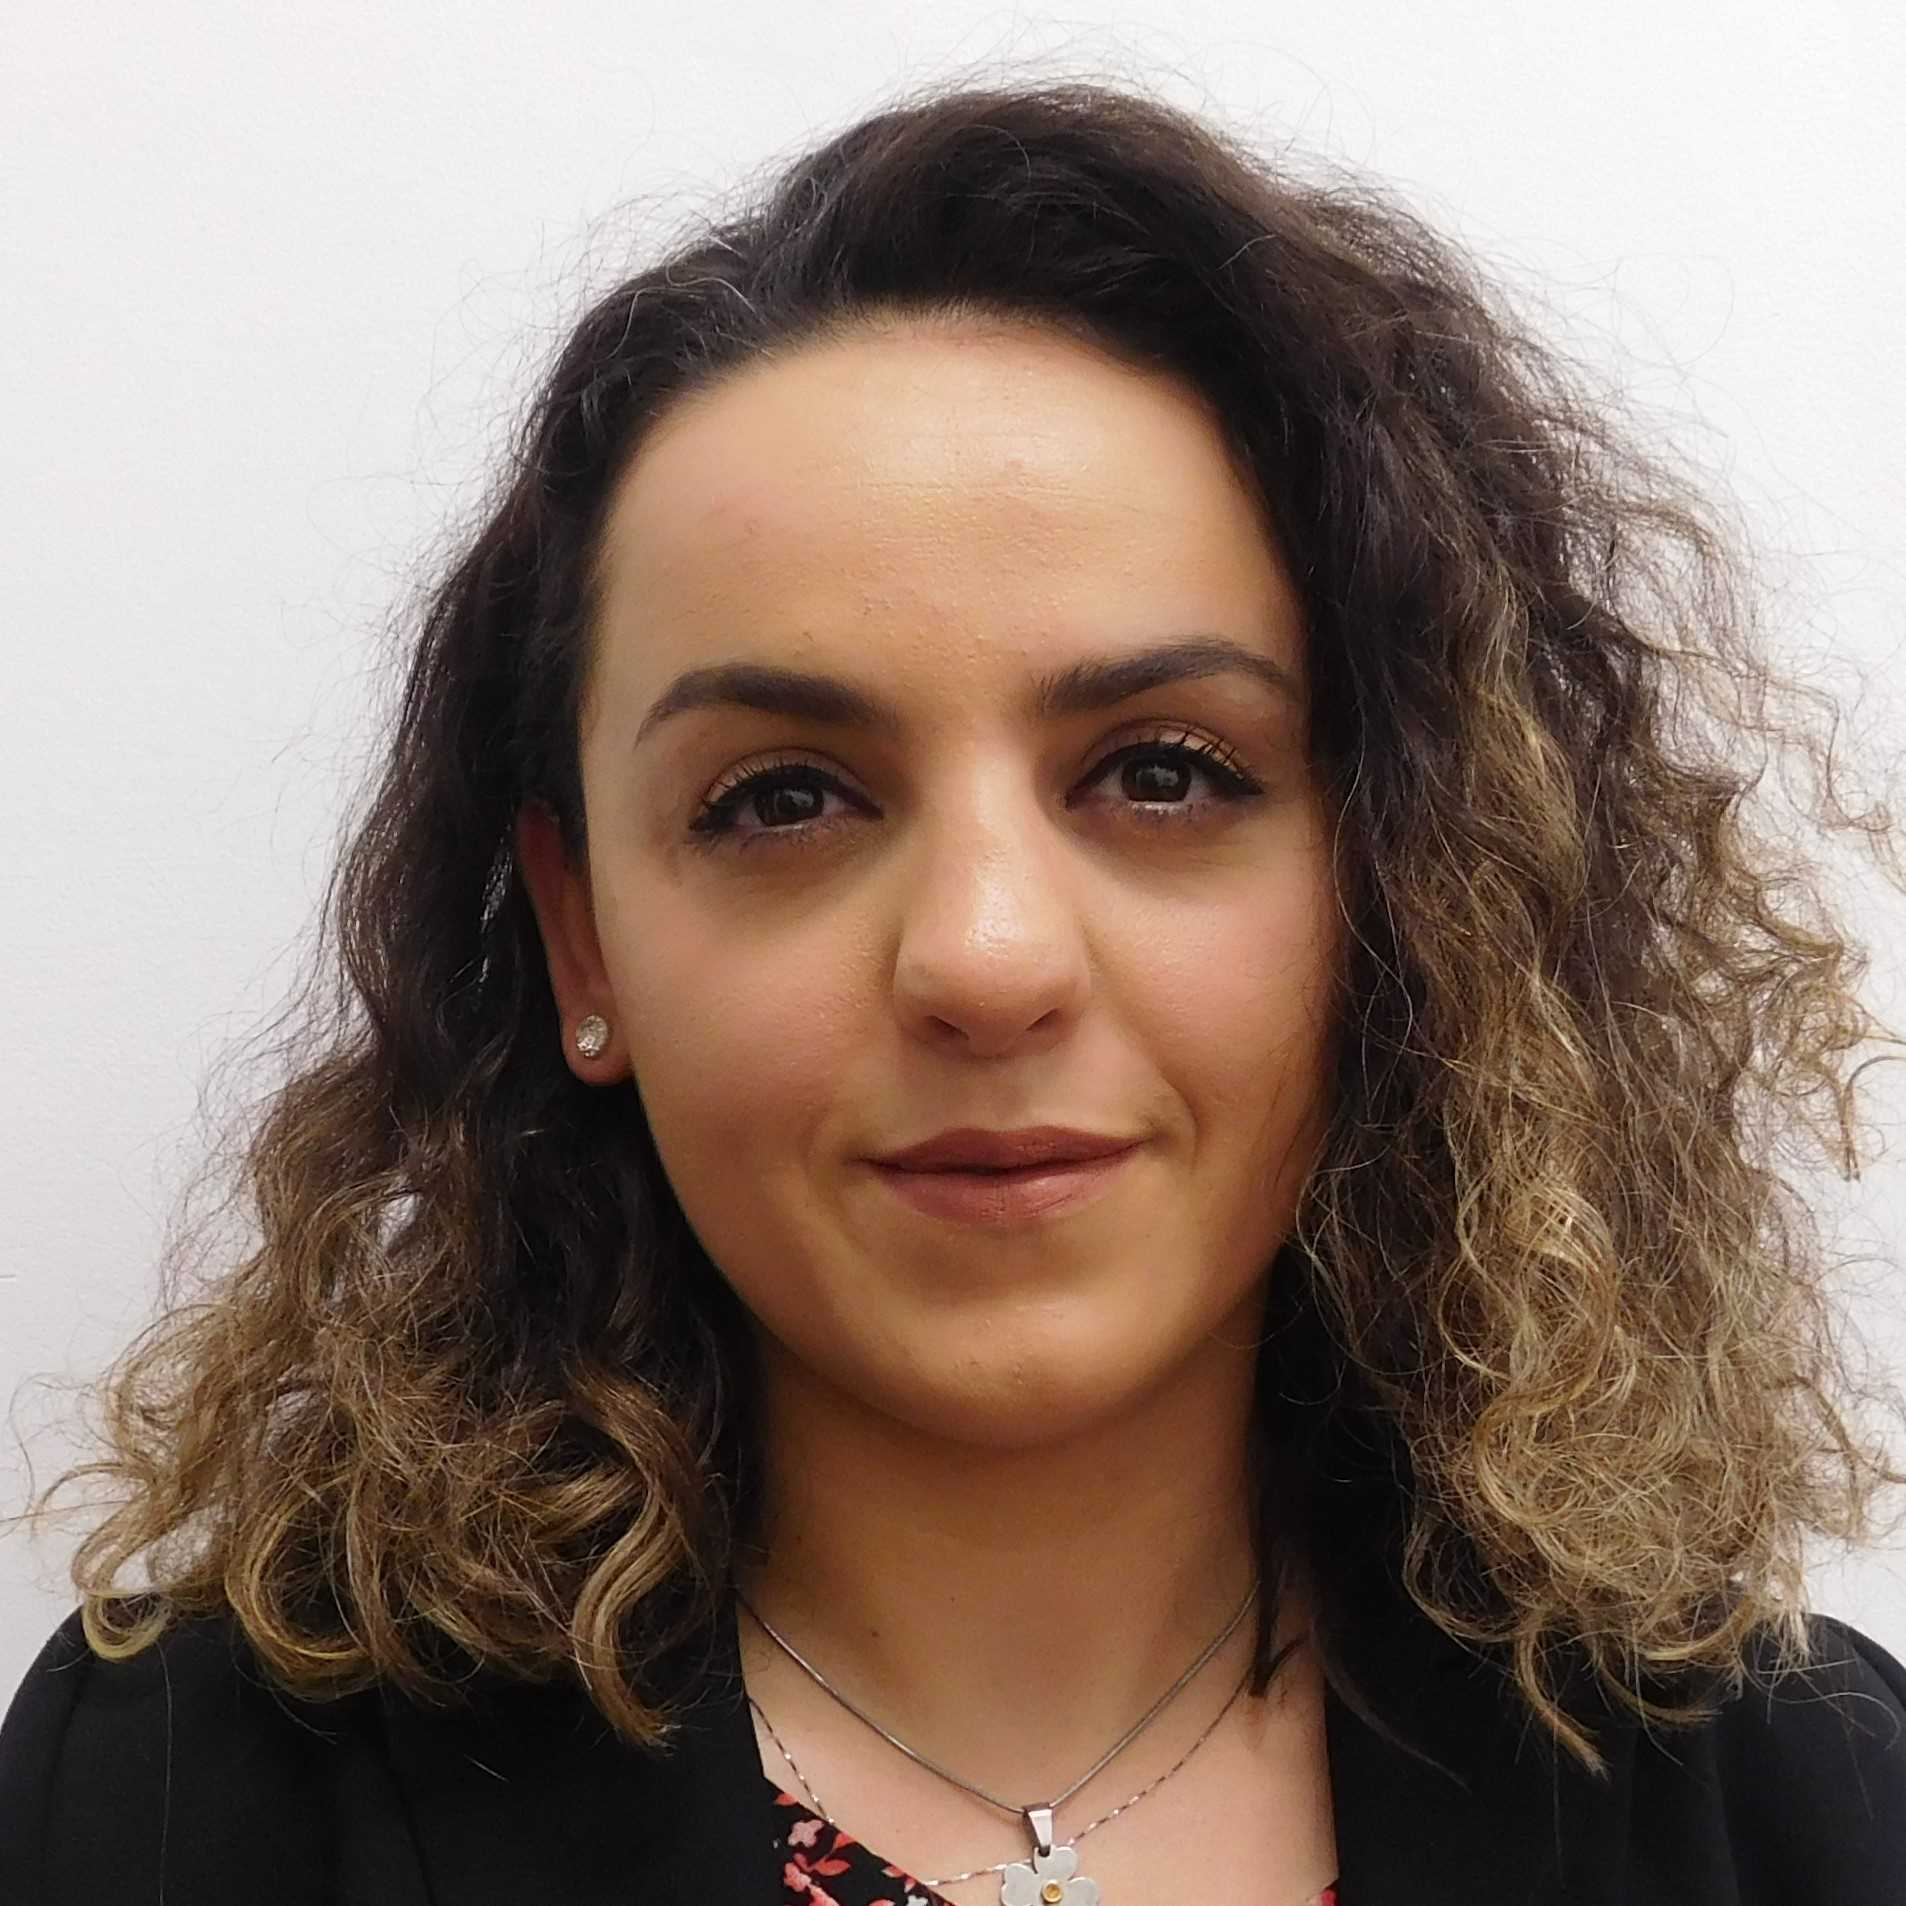 Ardita Ibishi